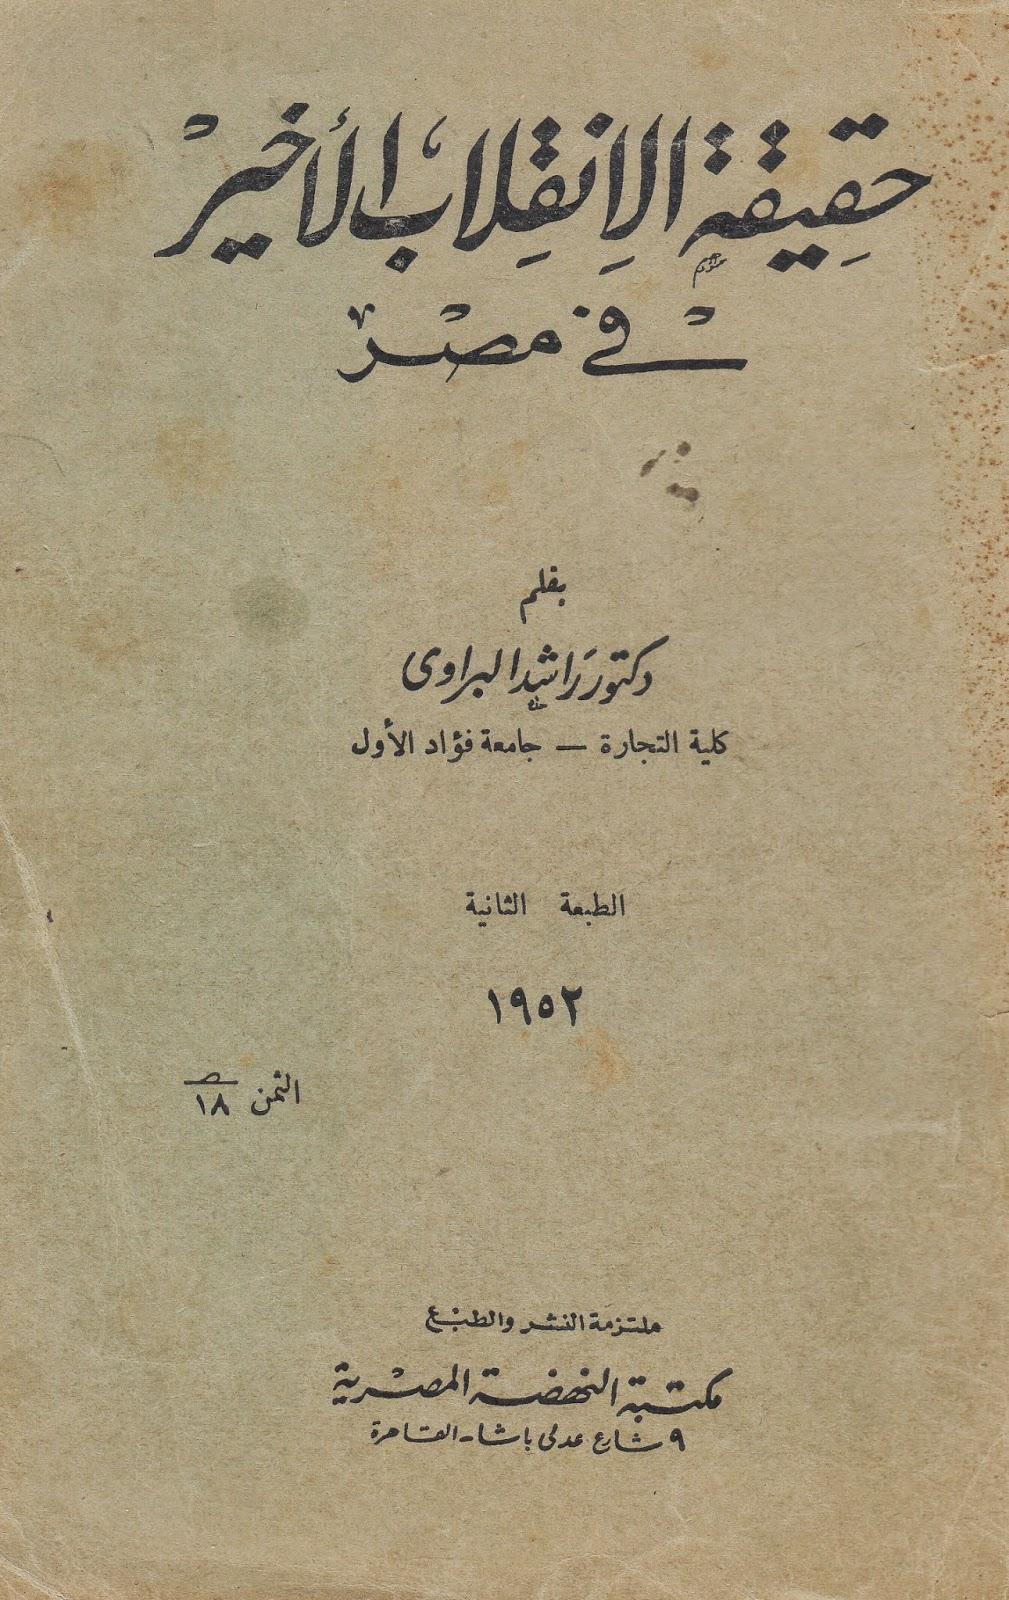 الإنقلاب الأخير - رشاد البراوي